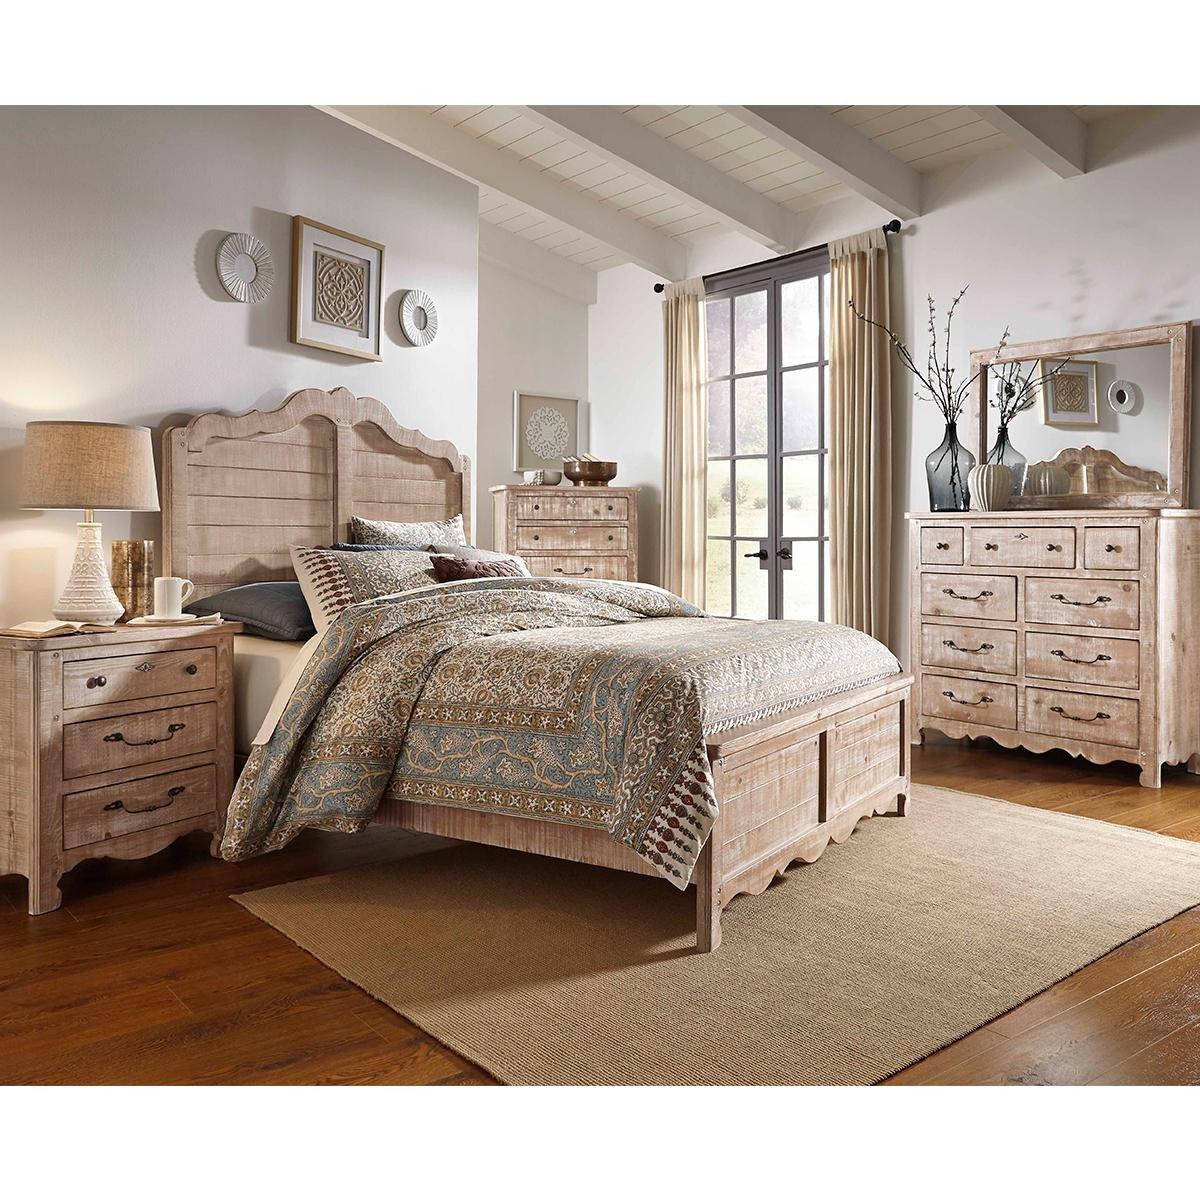 Nebraska Furniture Bedroom Set Best Of Tiddal Home Chatsworth King Panel Bed In Chalk Distressed